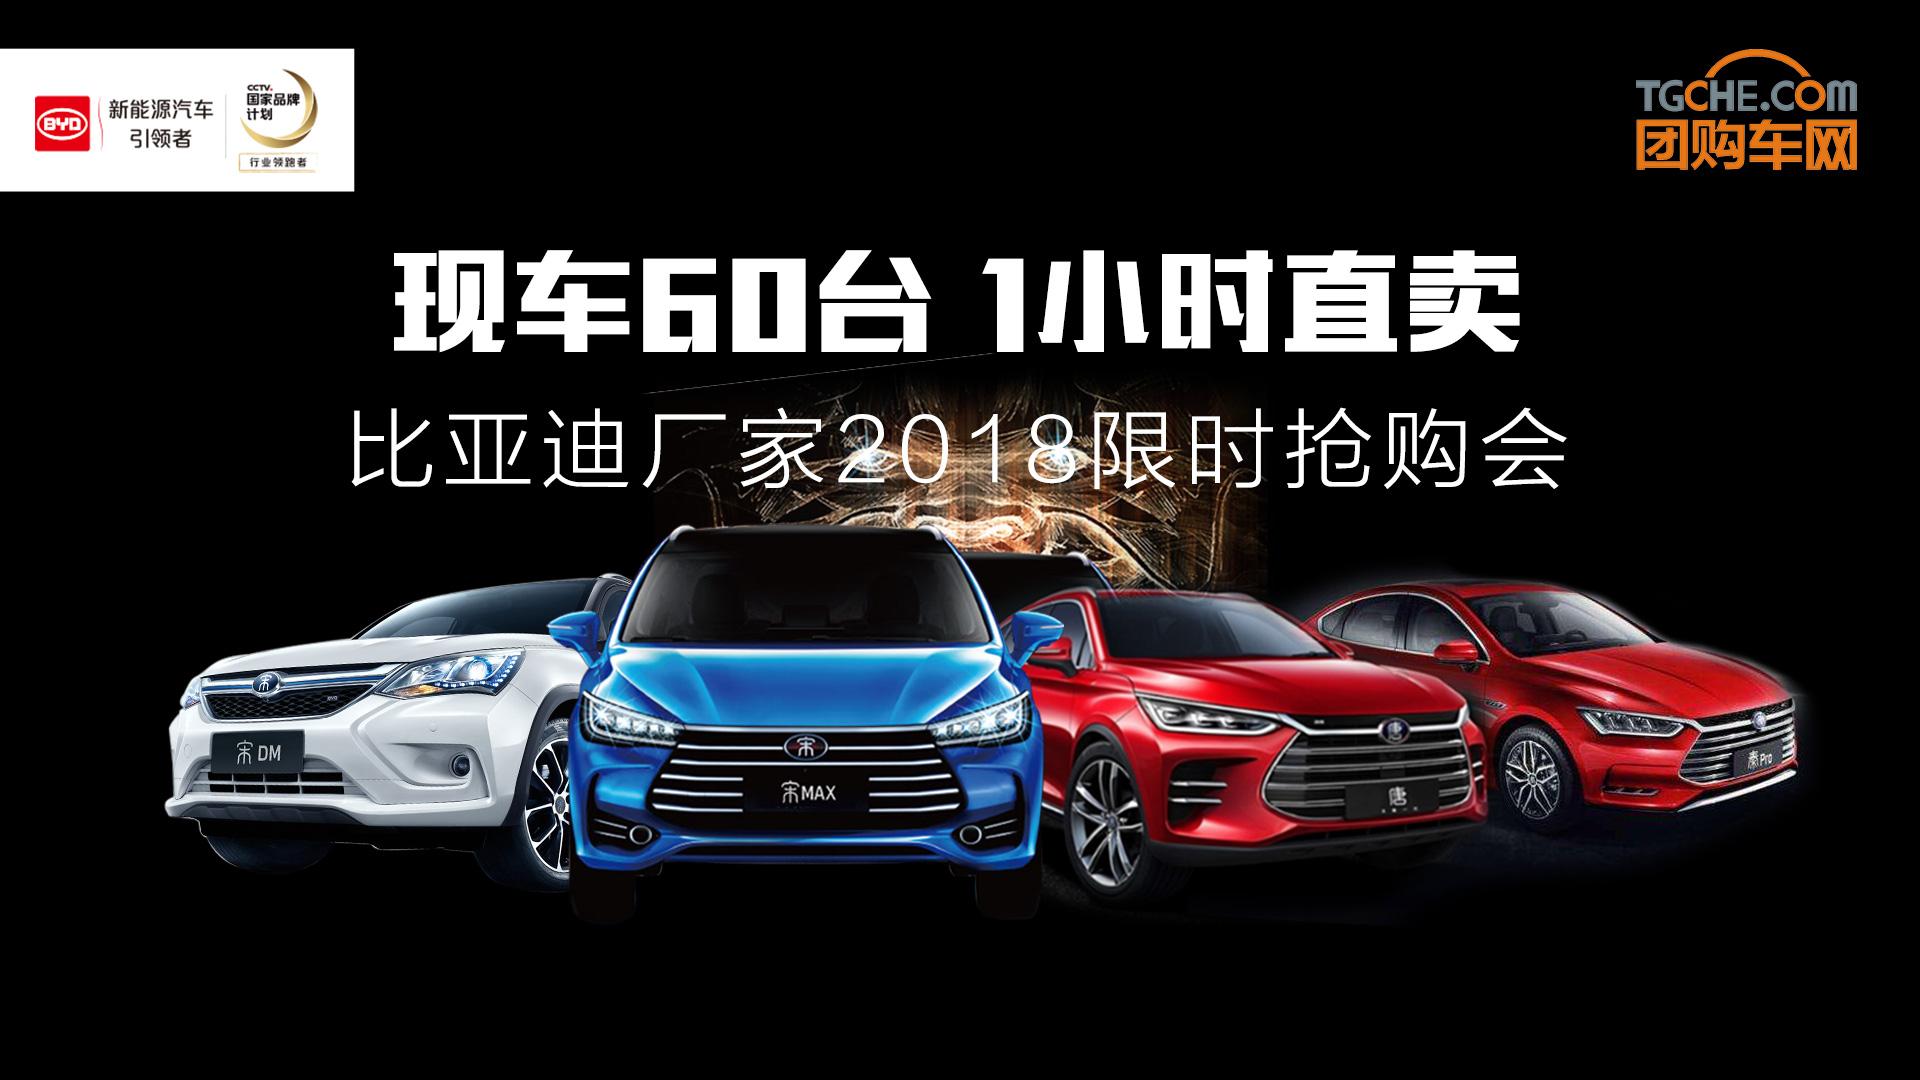 现车60台 1小时直卖 比亚迪厂家2018限时抢购会    报名领取精美礼品一份!    500活动车型: